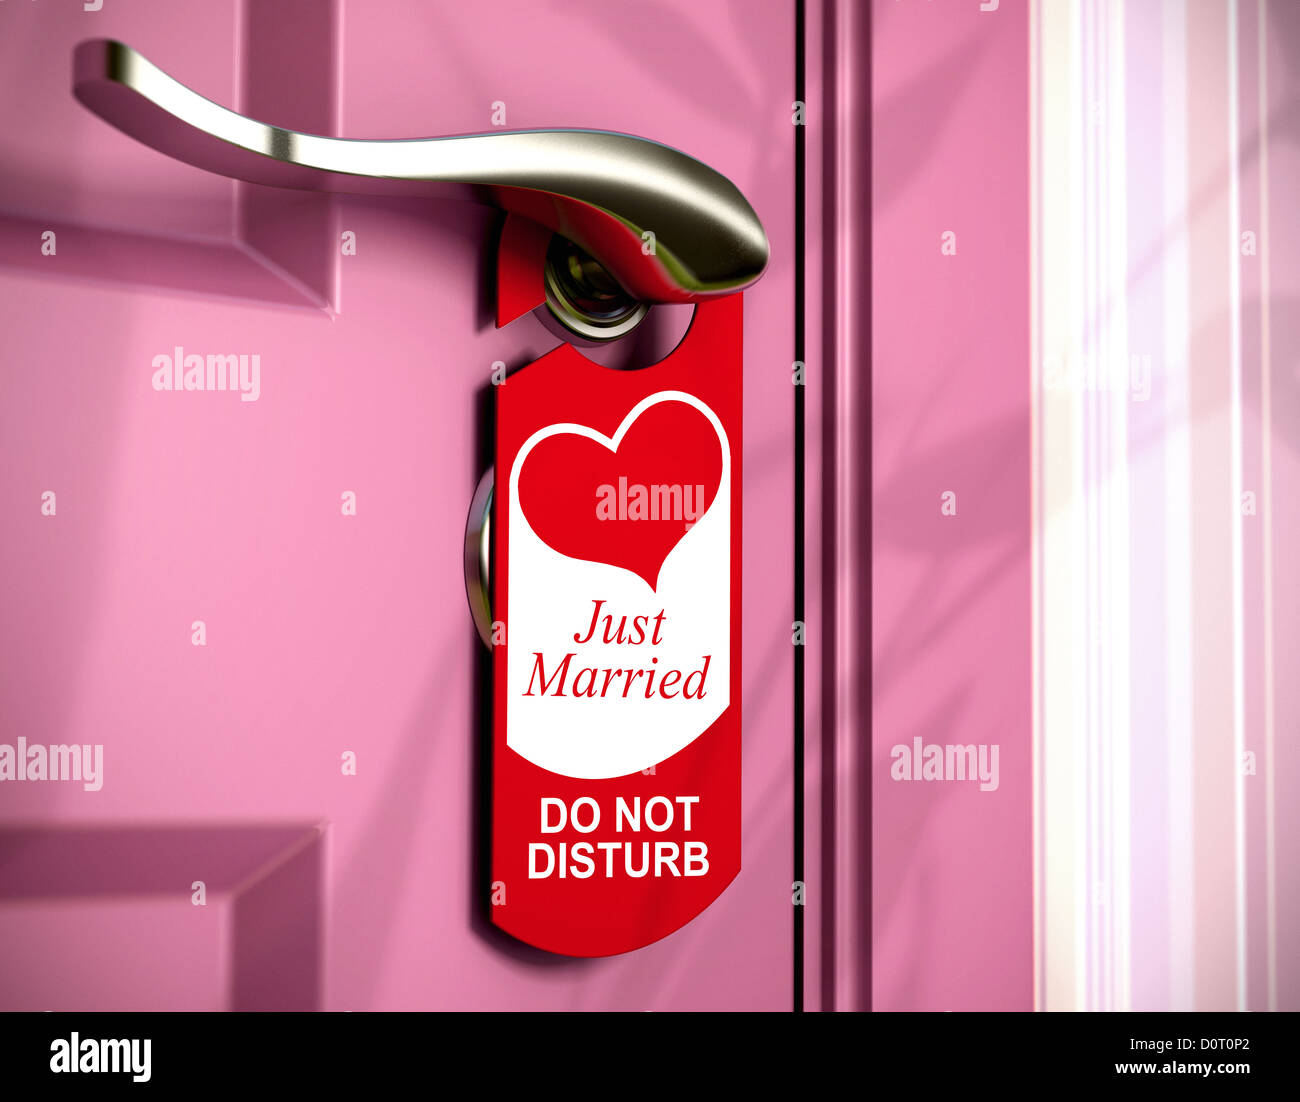 gerade geheiratet schriftlich auf eine rote Türhänger, an einem Metallgriff einer rosa Schlafzimmer Tür, Stockbild